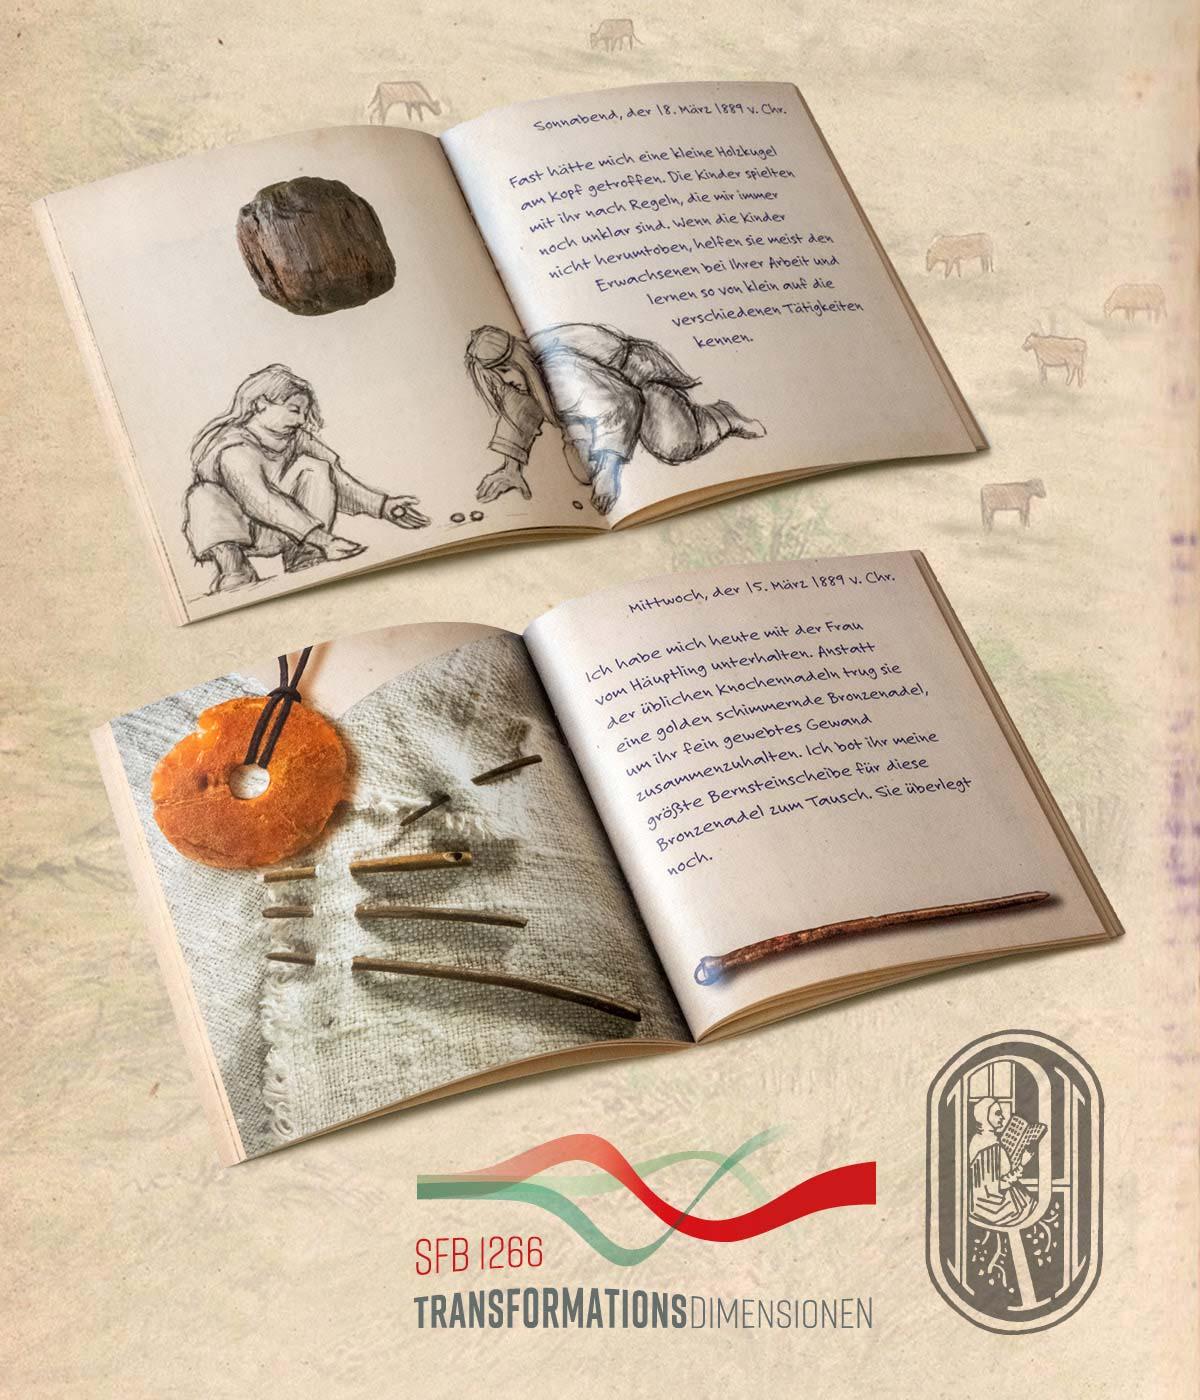 Beispielseiten aus dem Buch